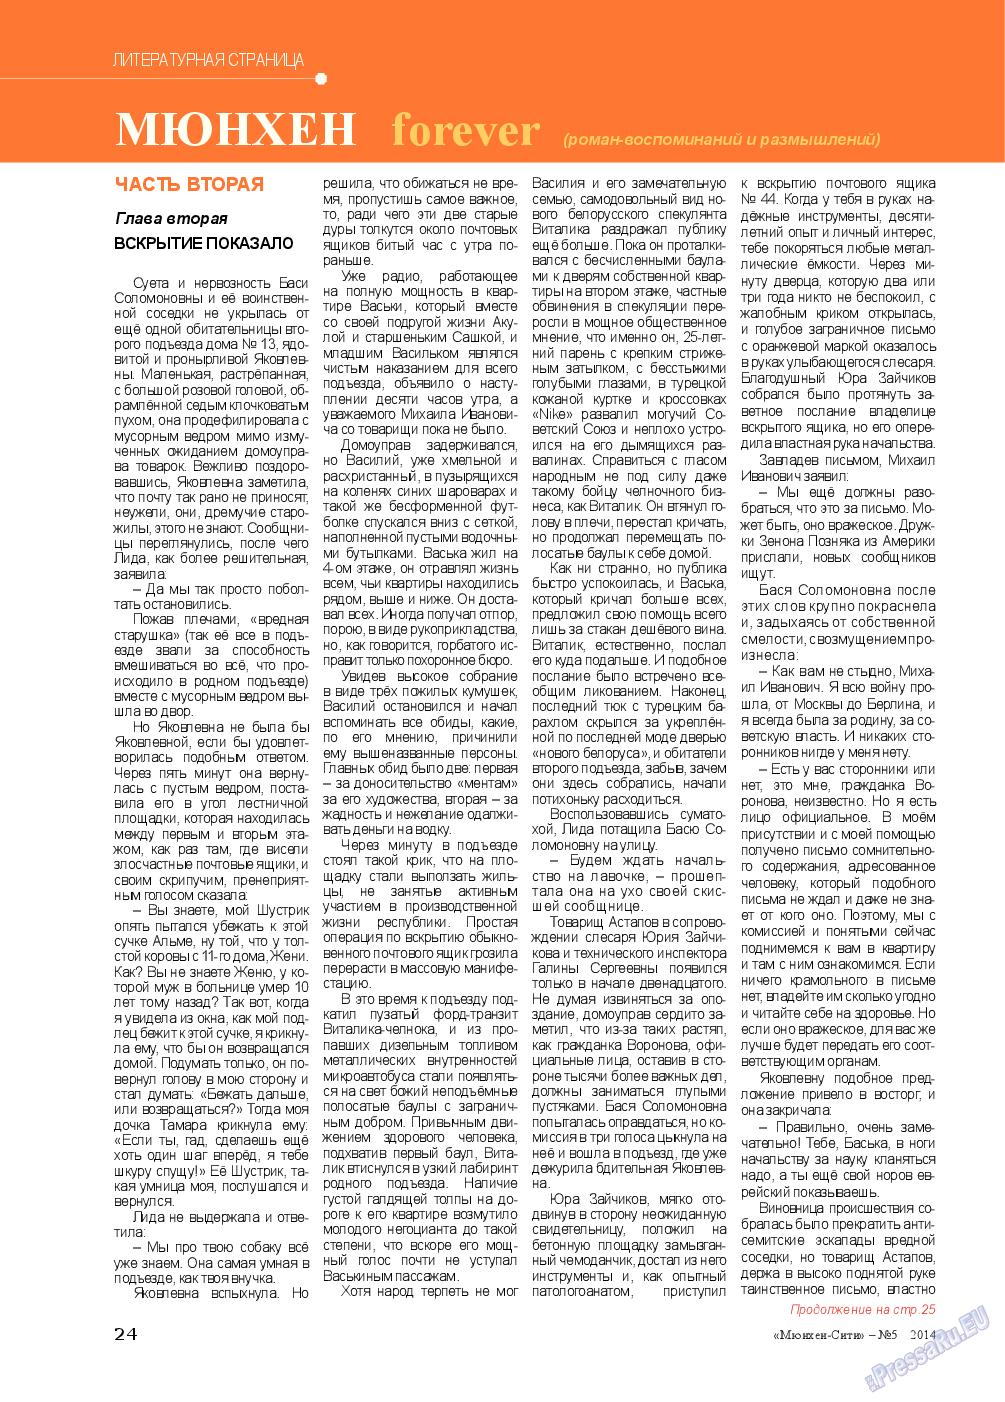 Мюнхен-сити (журнал). 2014 год, номер 5, стр. 24